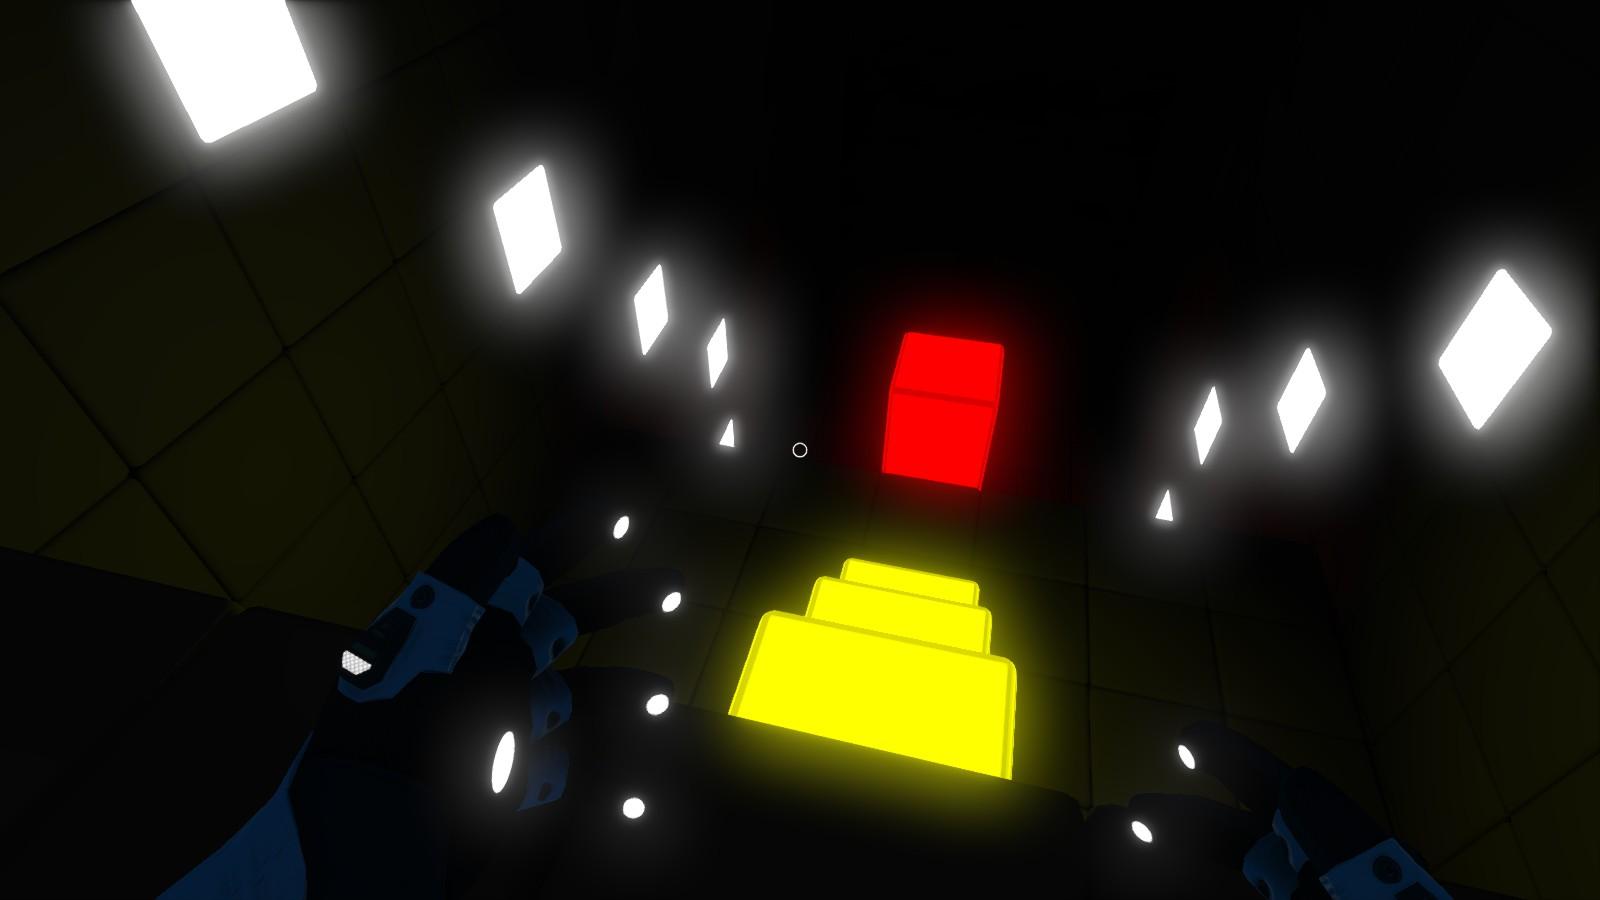 Sin luz ambiental podremos guiarnos gracias a la luz de algunos bloques